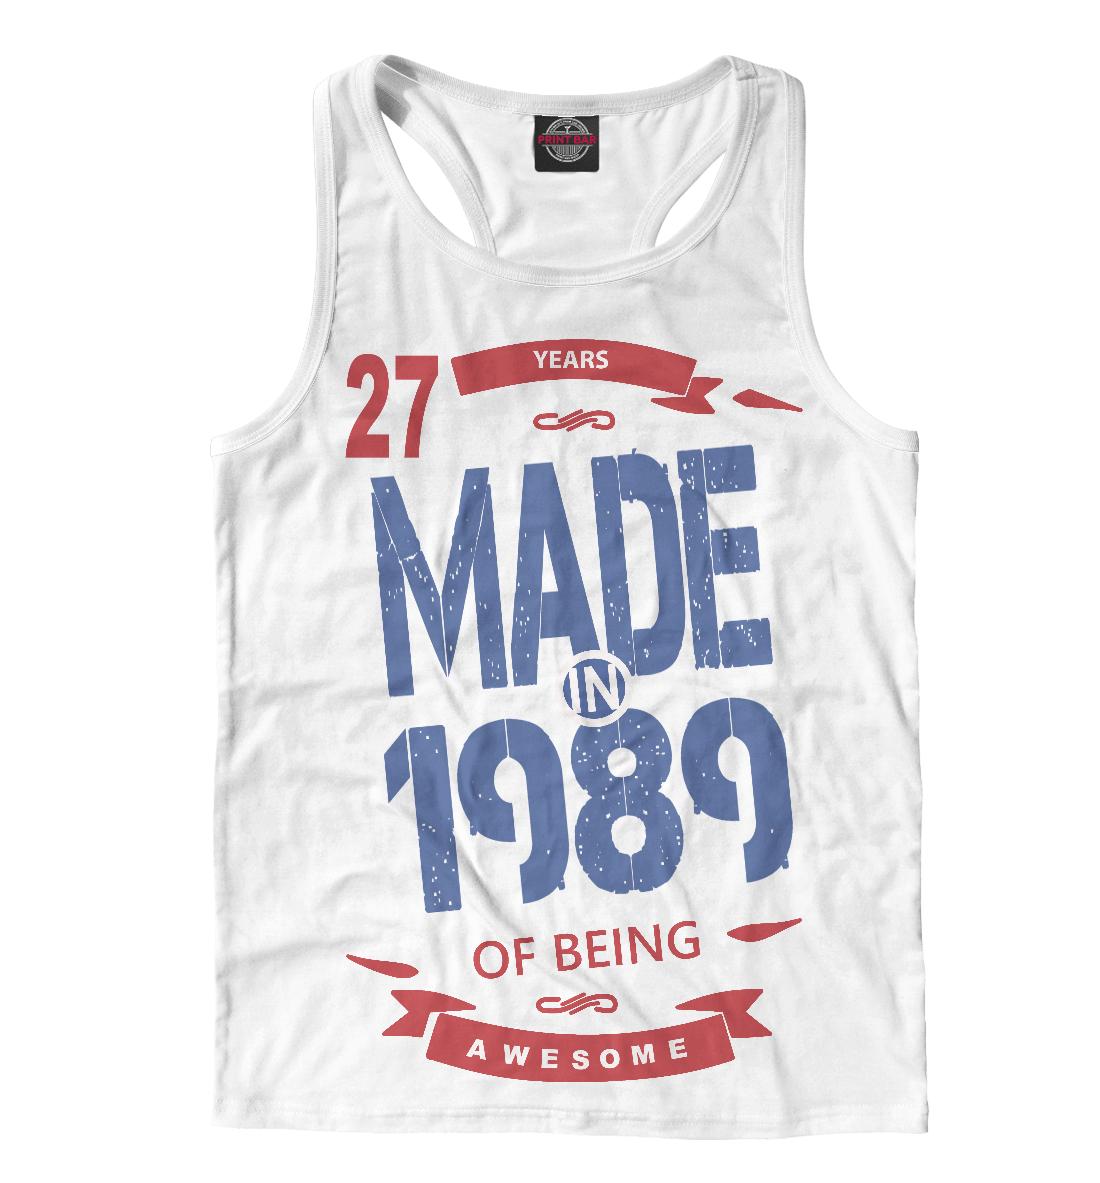 Купить Рожденный в 1989, Printbar, Майки борцовки, RZP-524640-mayb-2